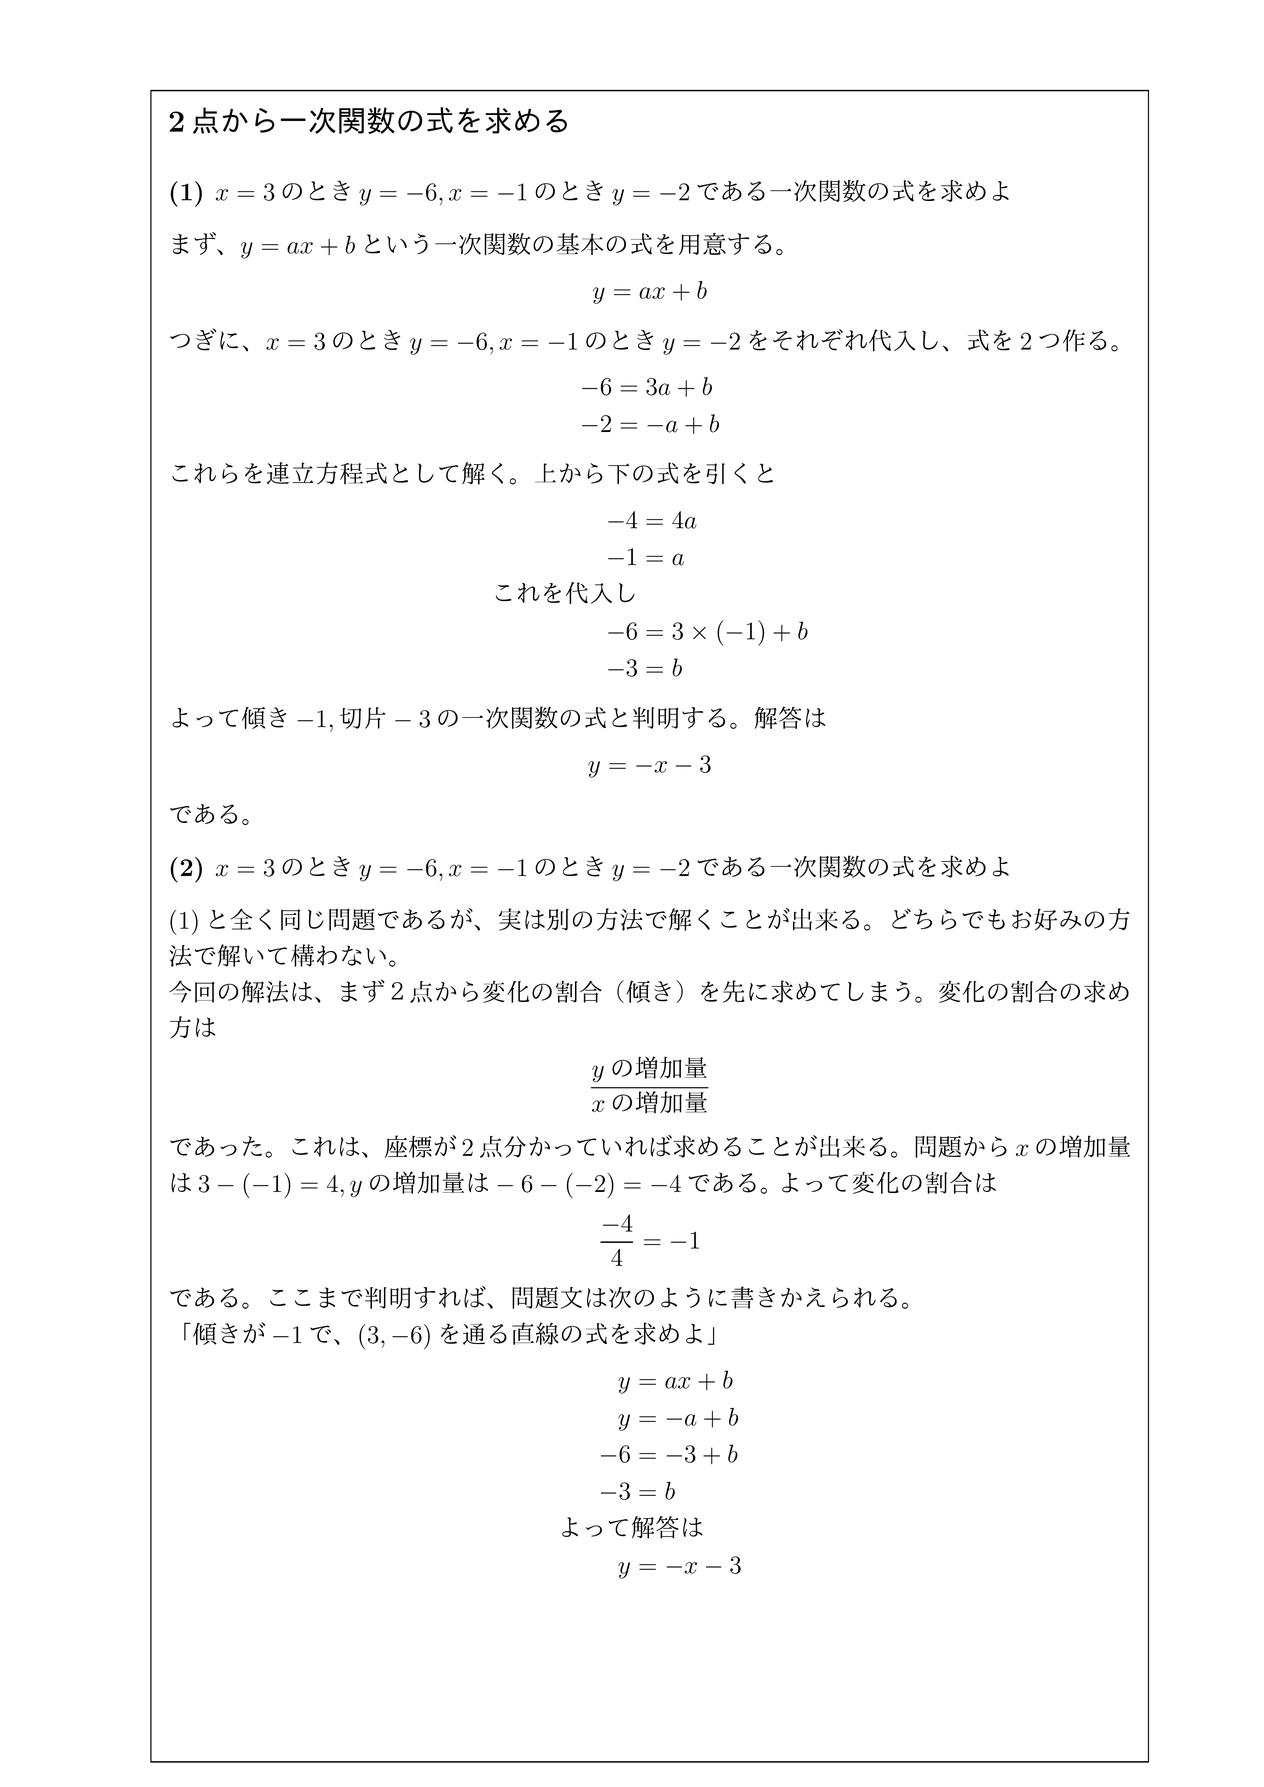 2点から一次関数の式を求める